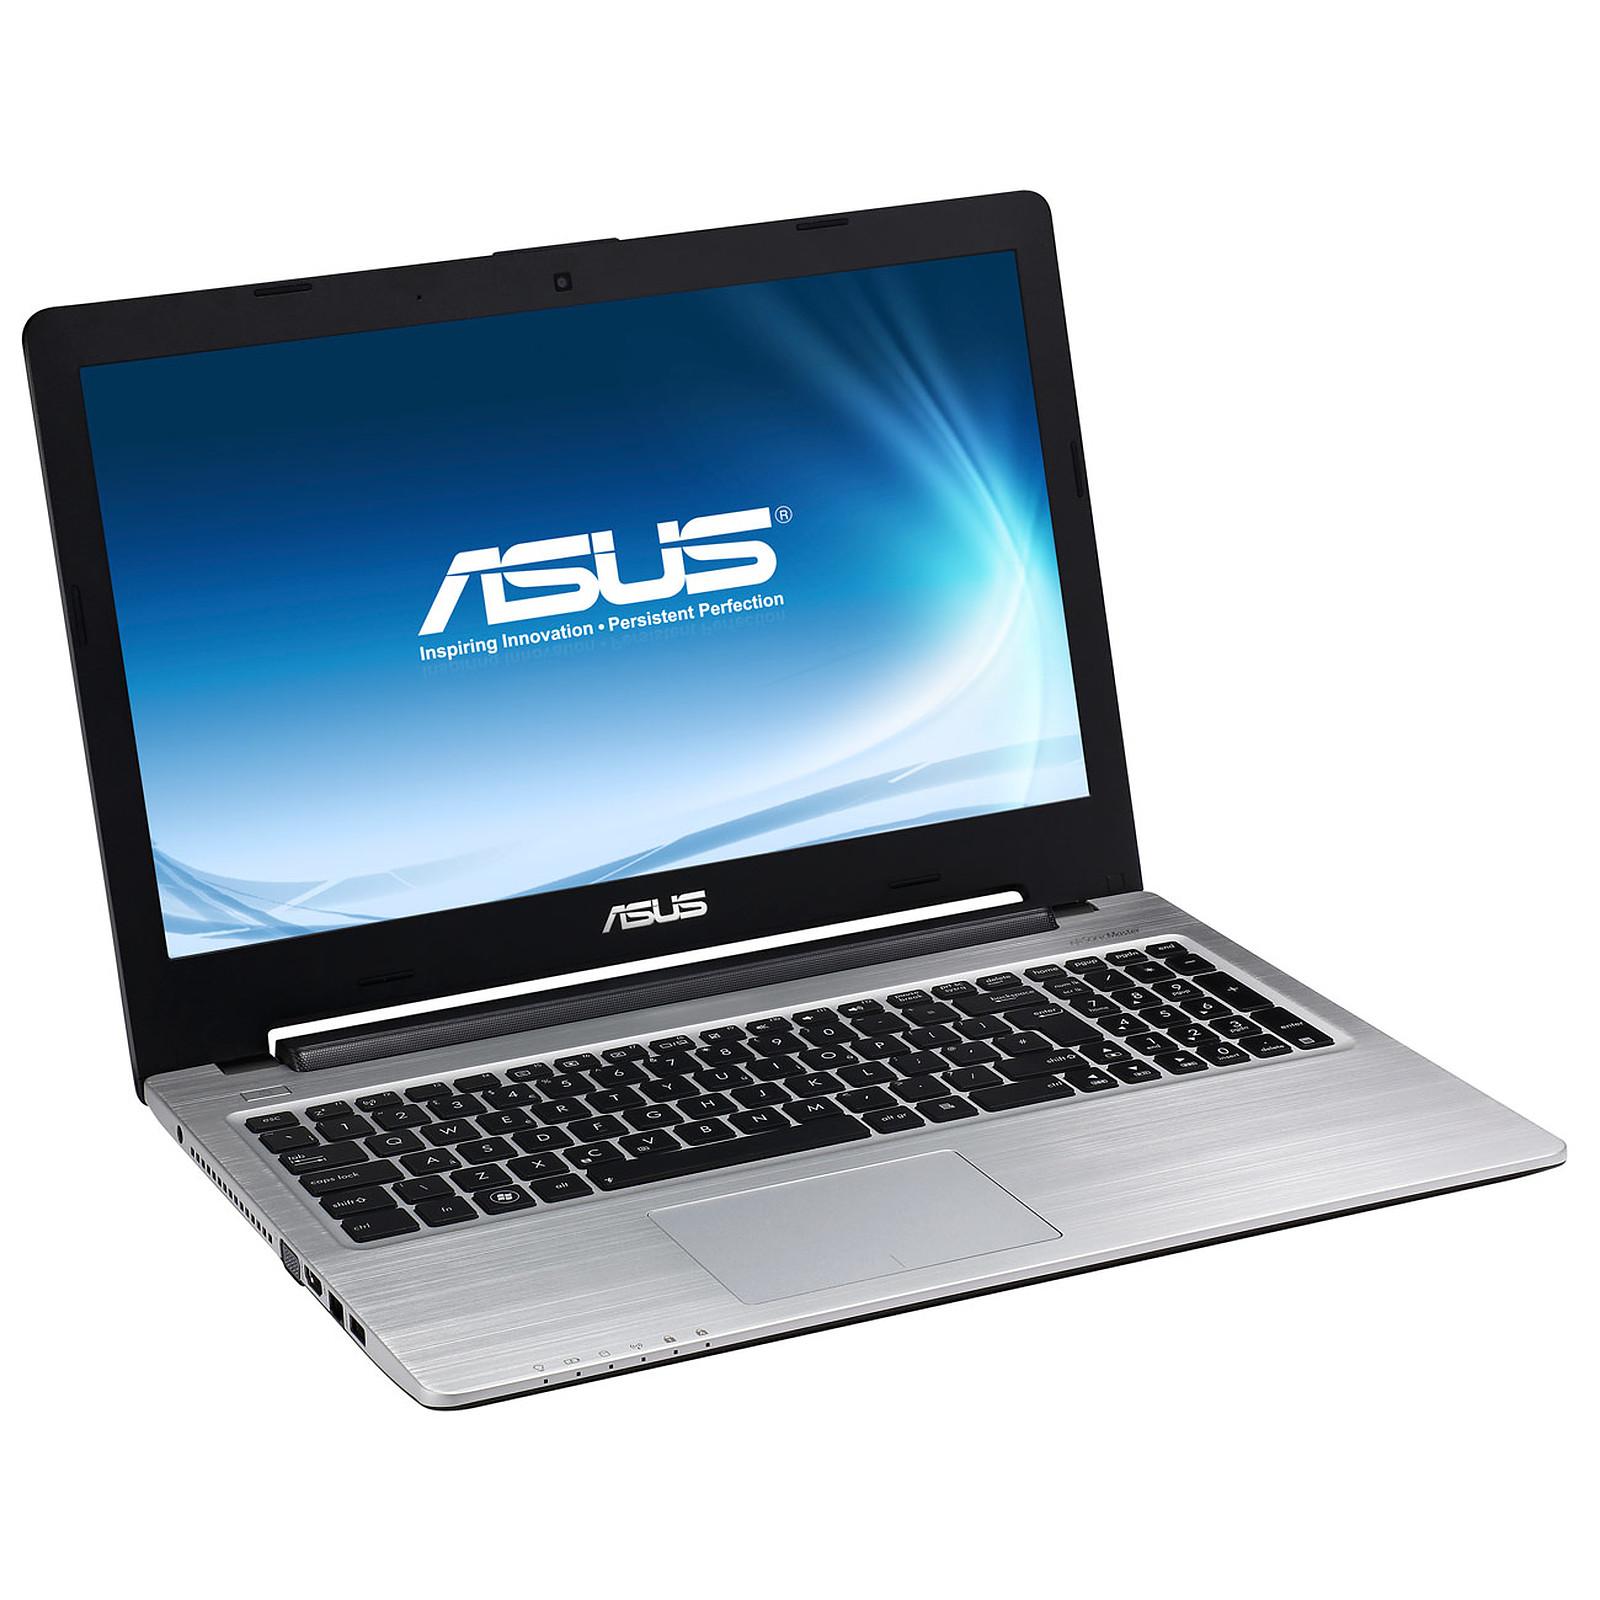 ASUS S56CA-XO174P Slim